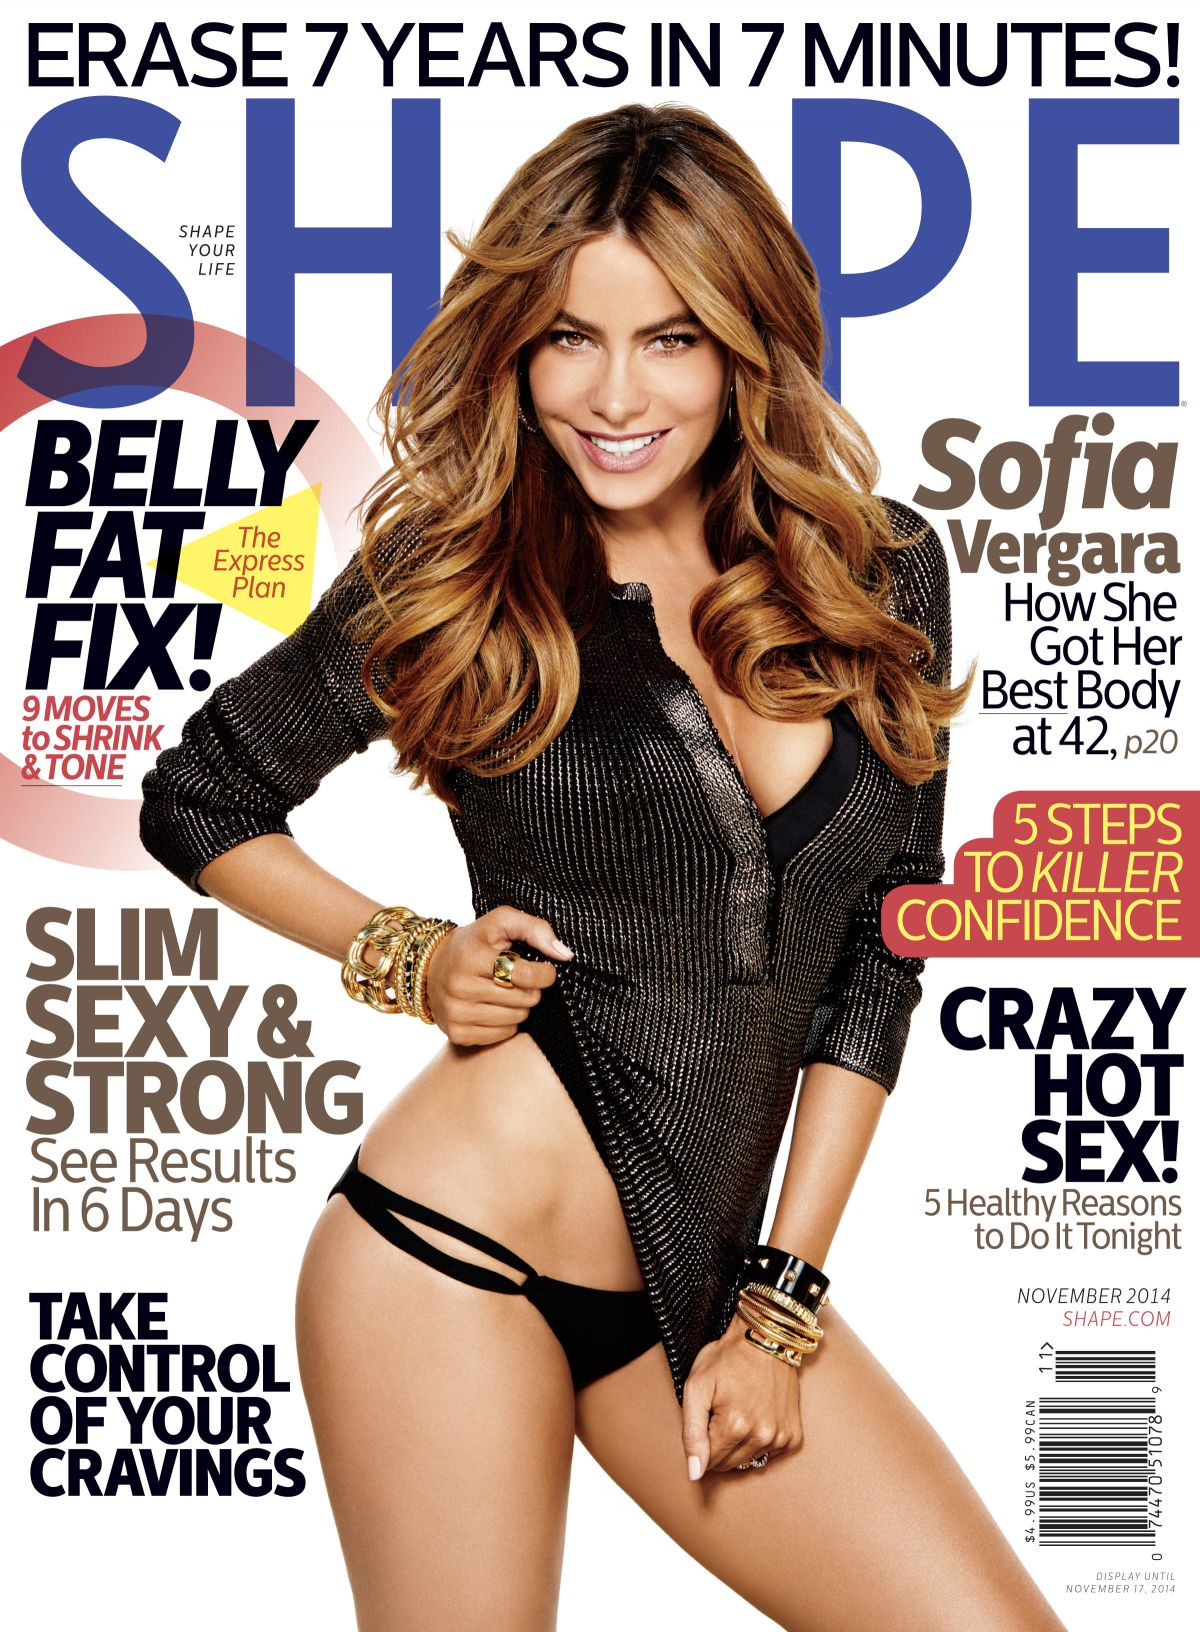 SOFIA VERGARA in Shape Magazine, November 2014 Issue